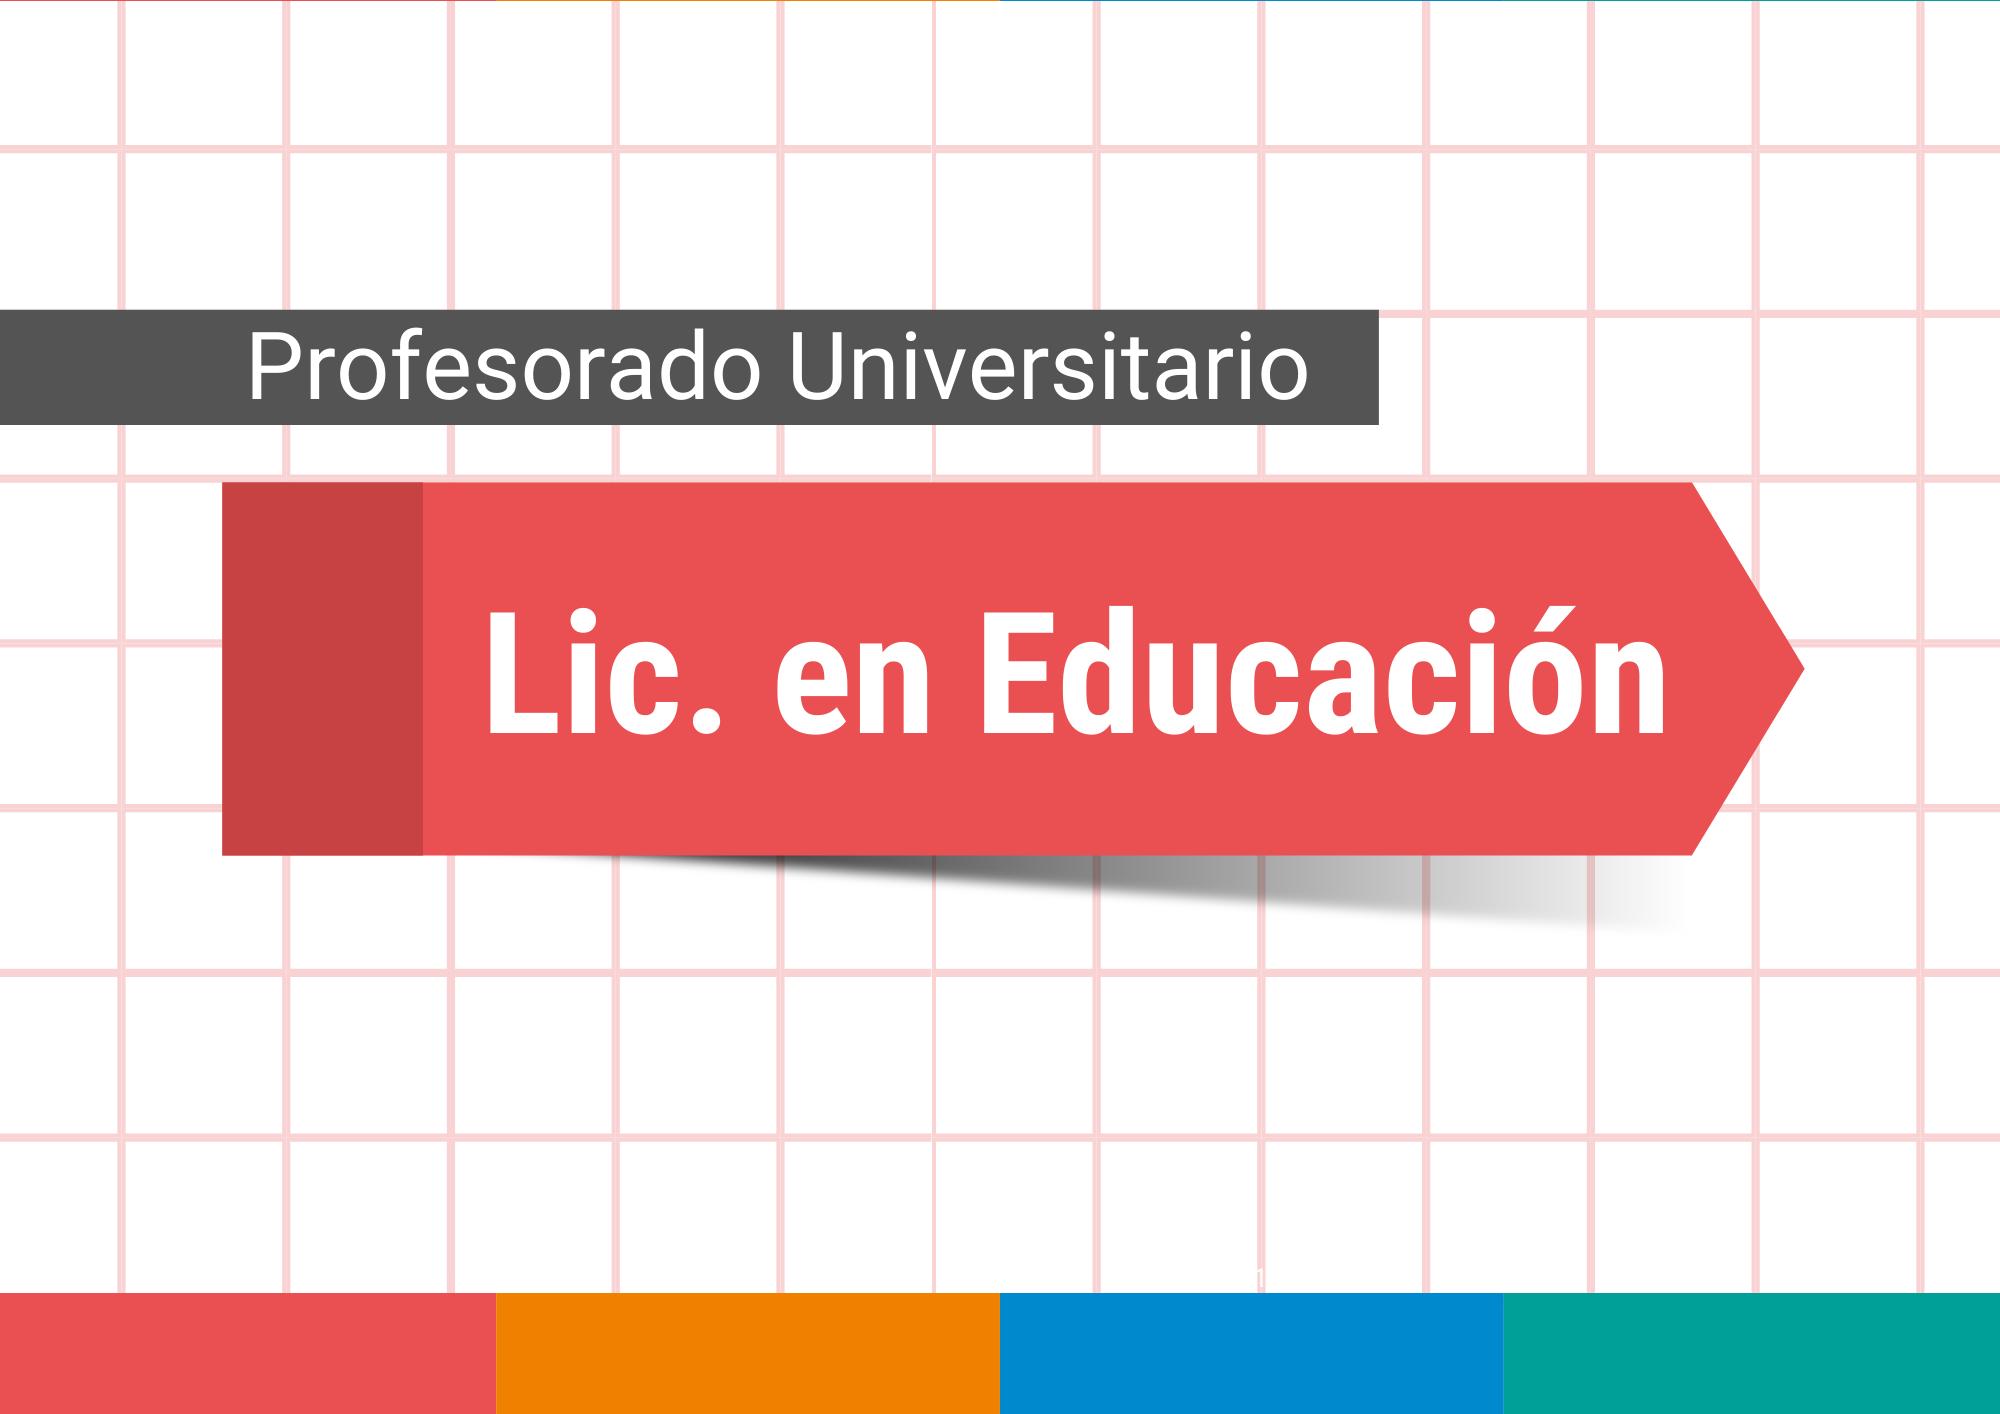 Lic en Educación